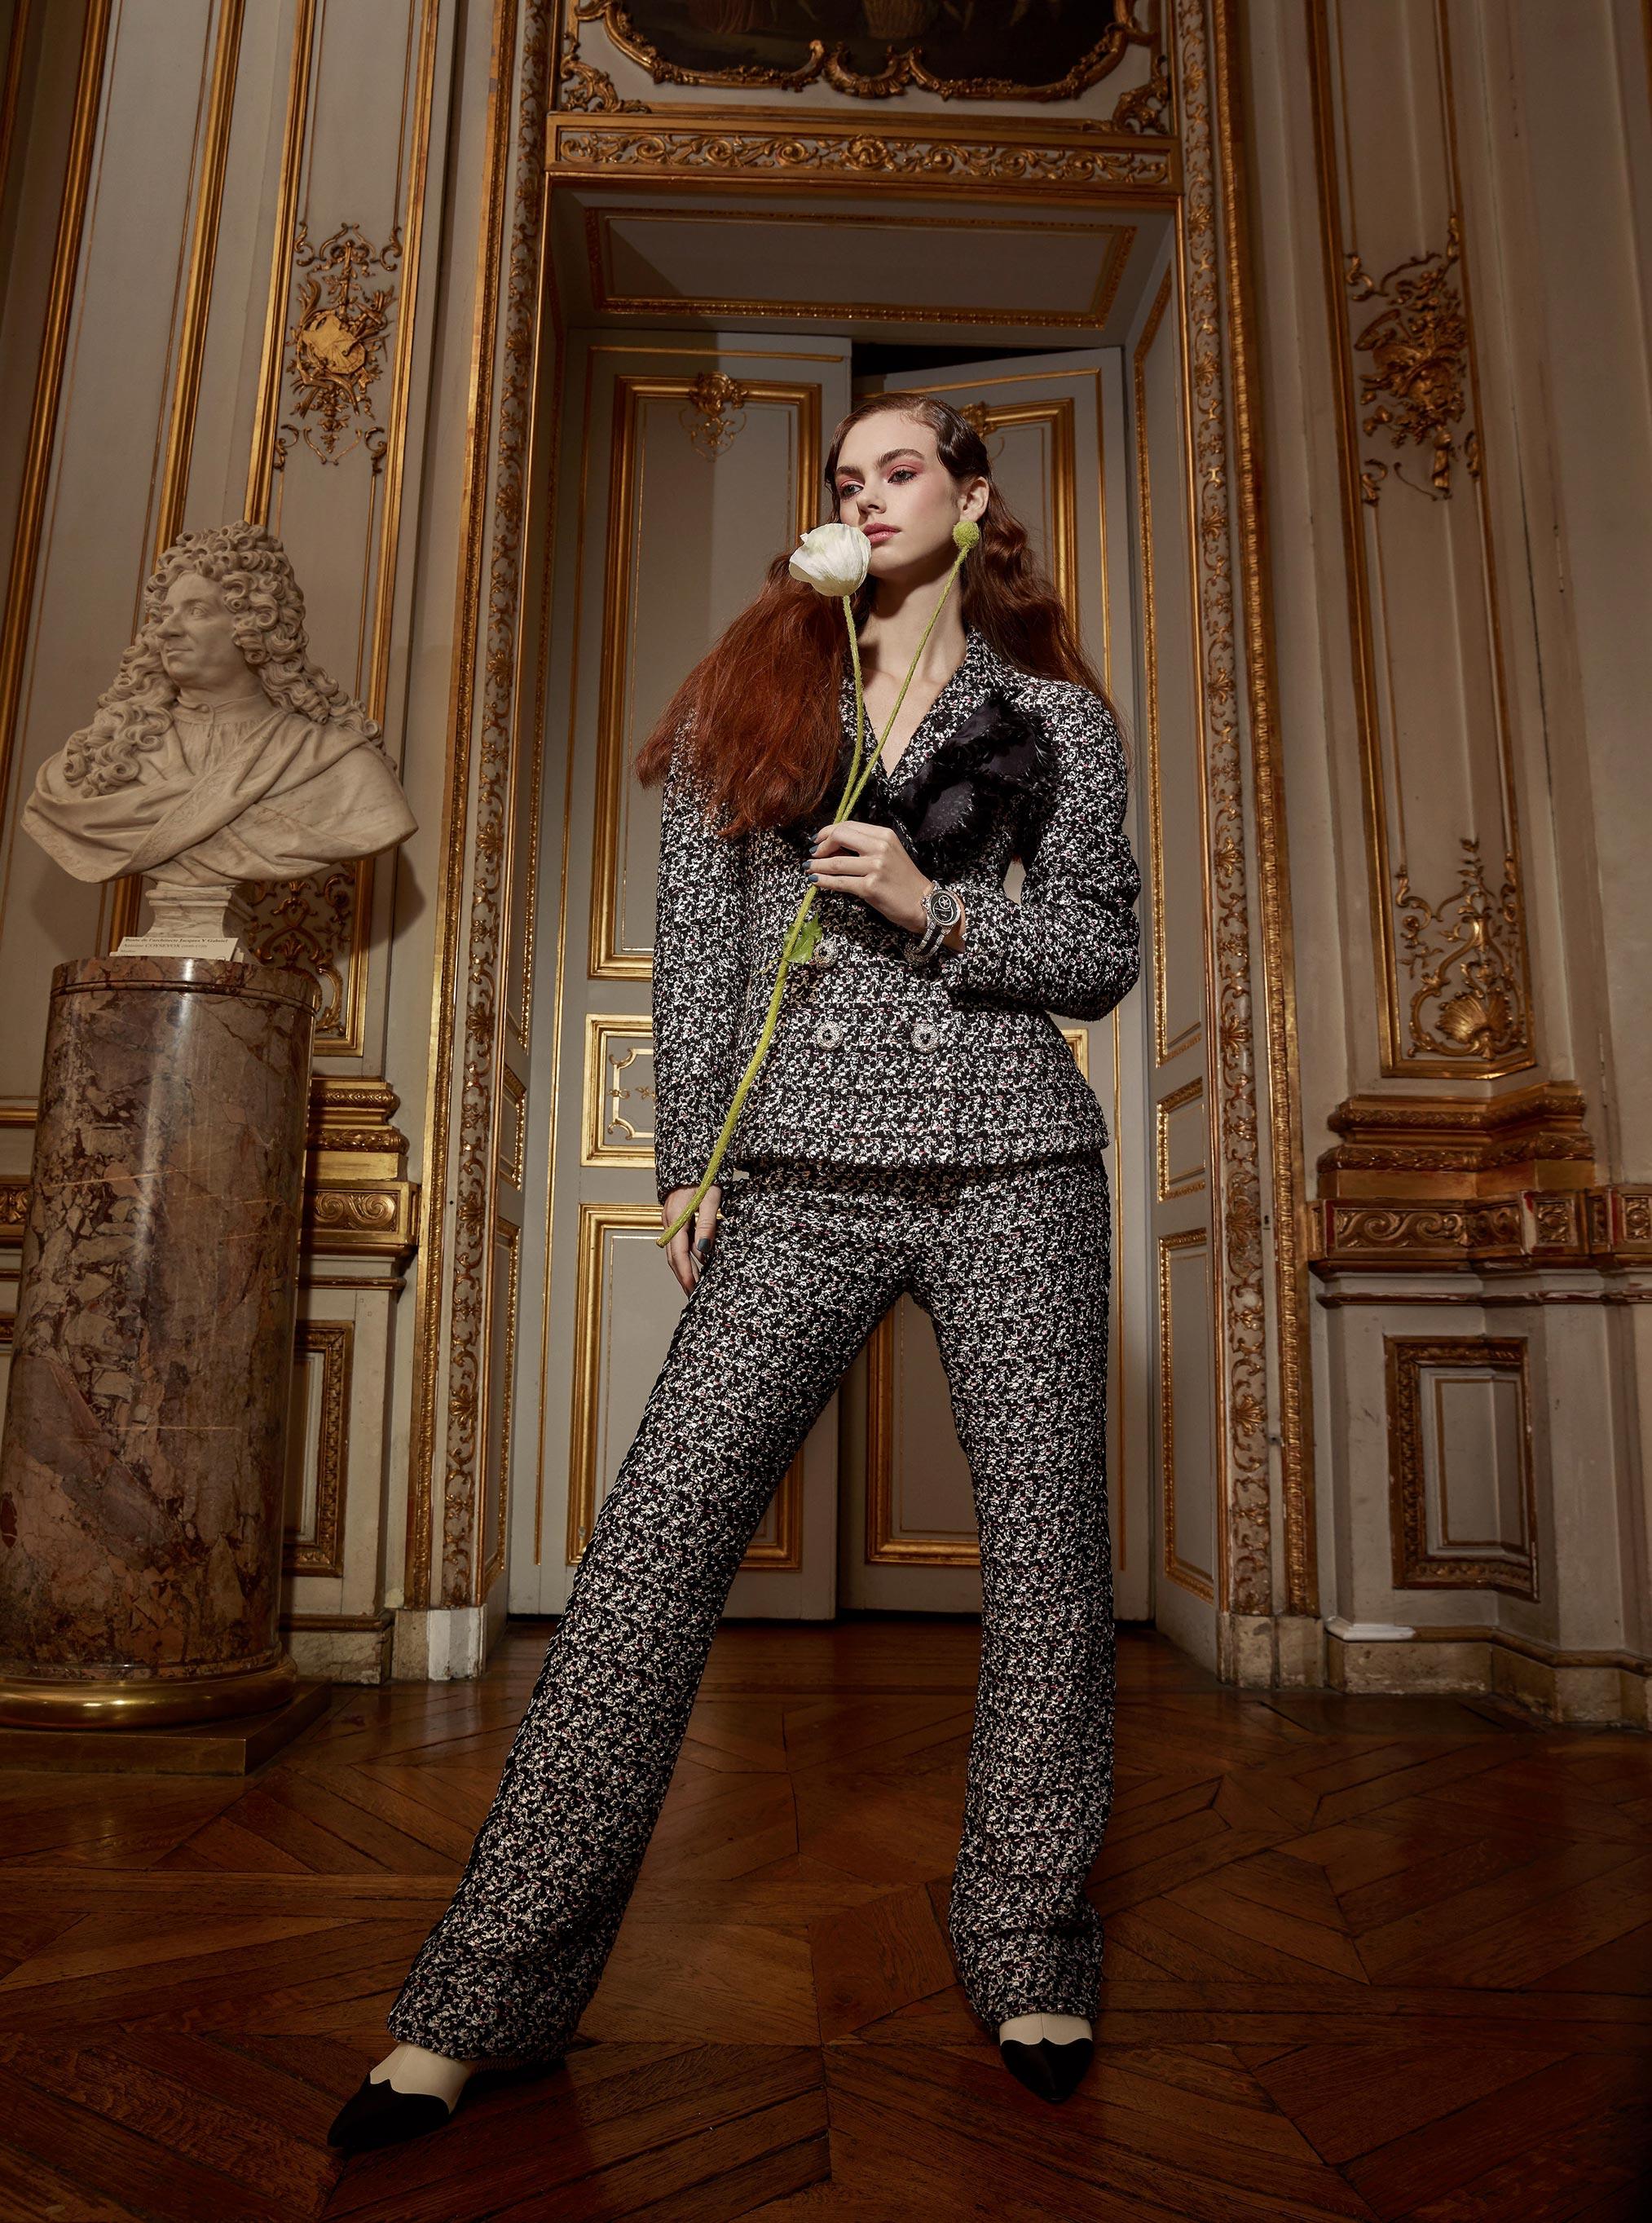 Лоана Жульен демонстрирует образцы высокой моды / фото 08